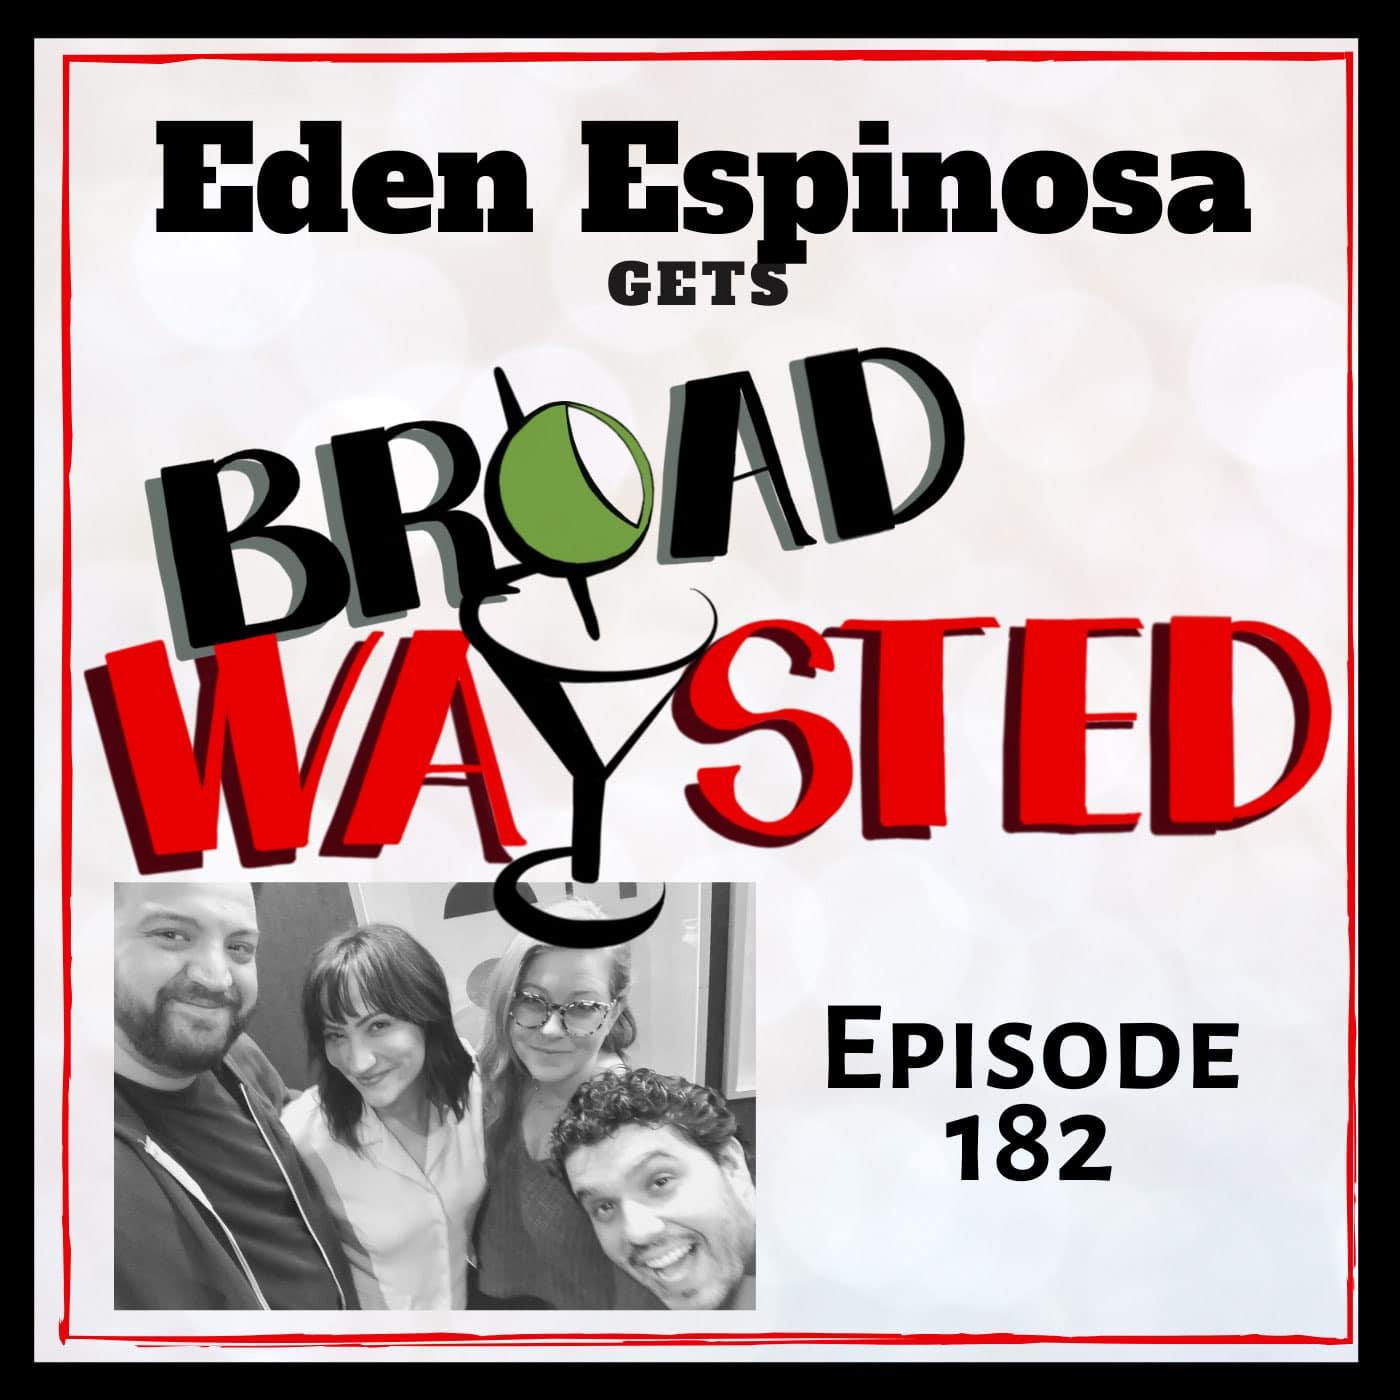 Broadwaysted Episode 182 Eden Espinosa